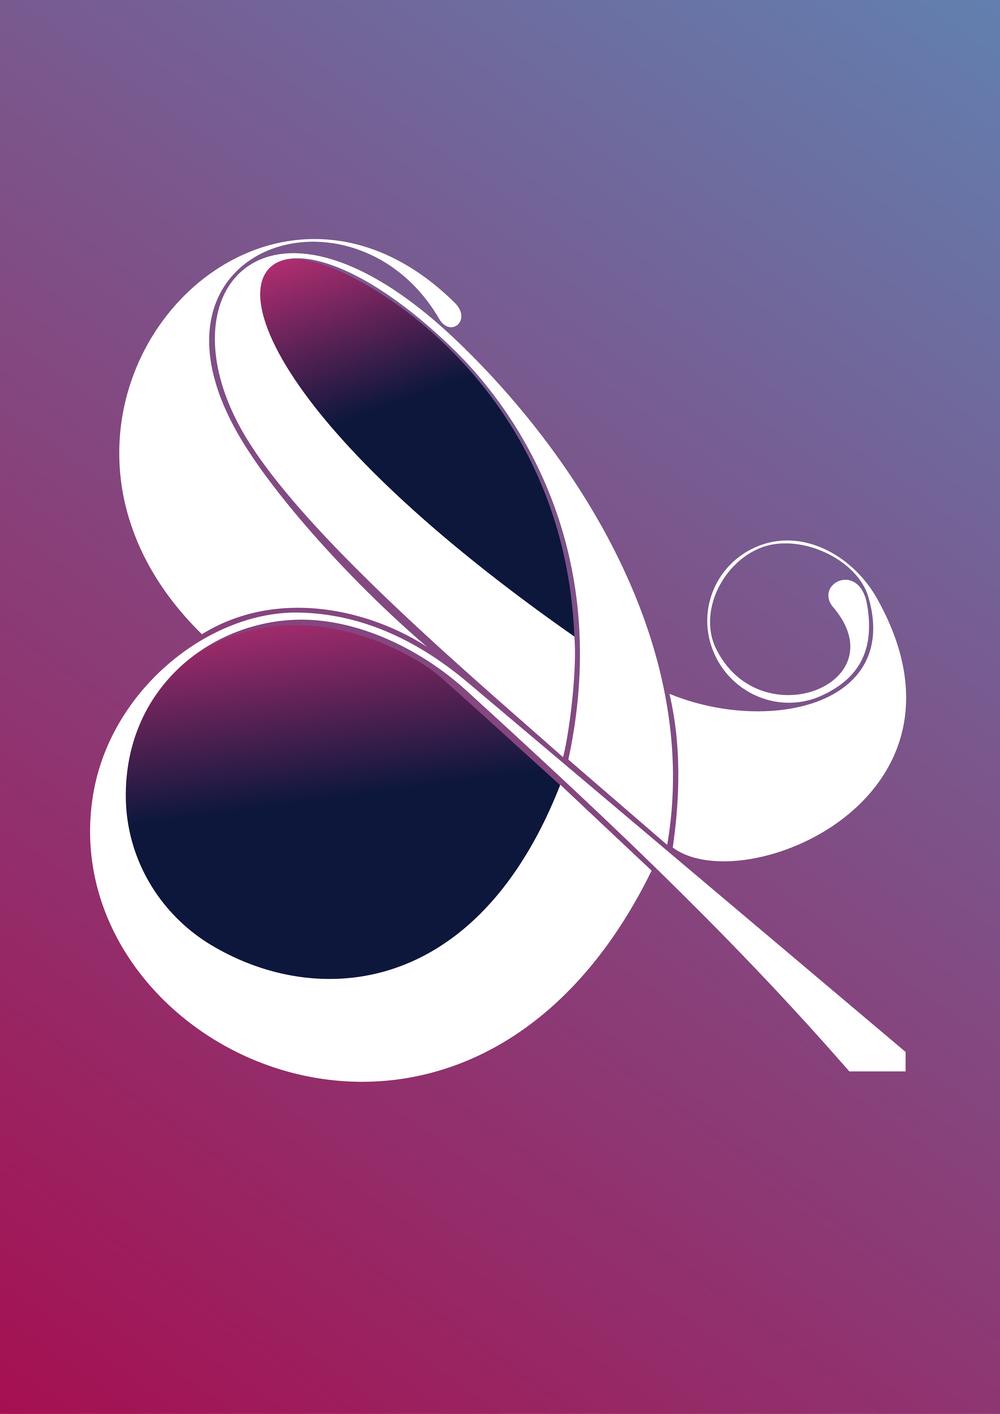 Playful-ampersand-moshik-nadav-typography-33.jpg